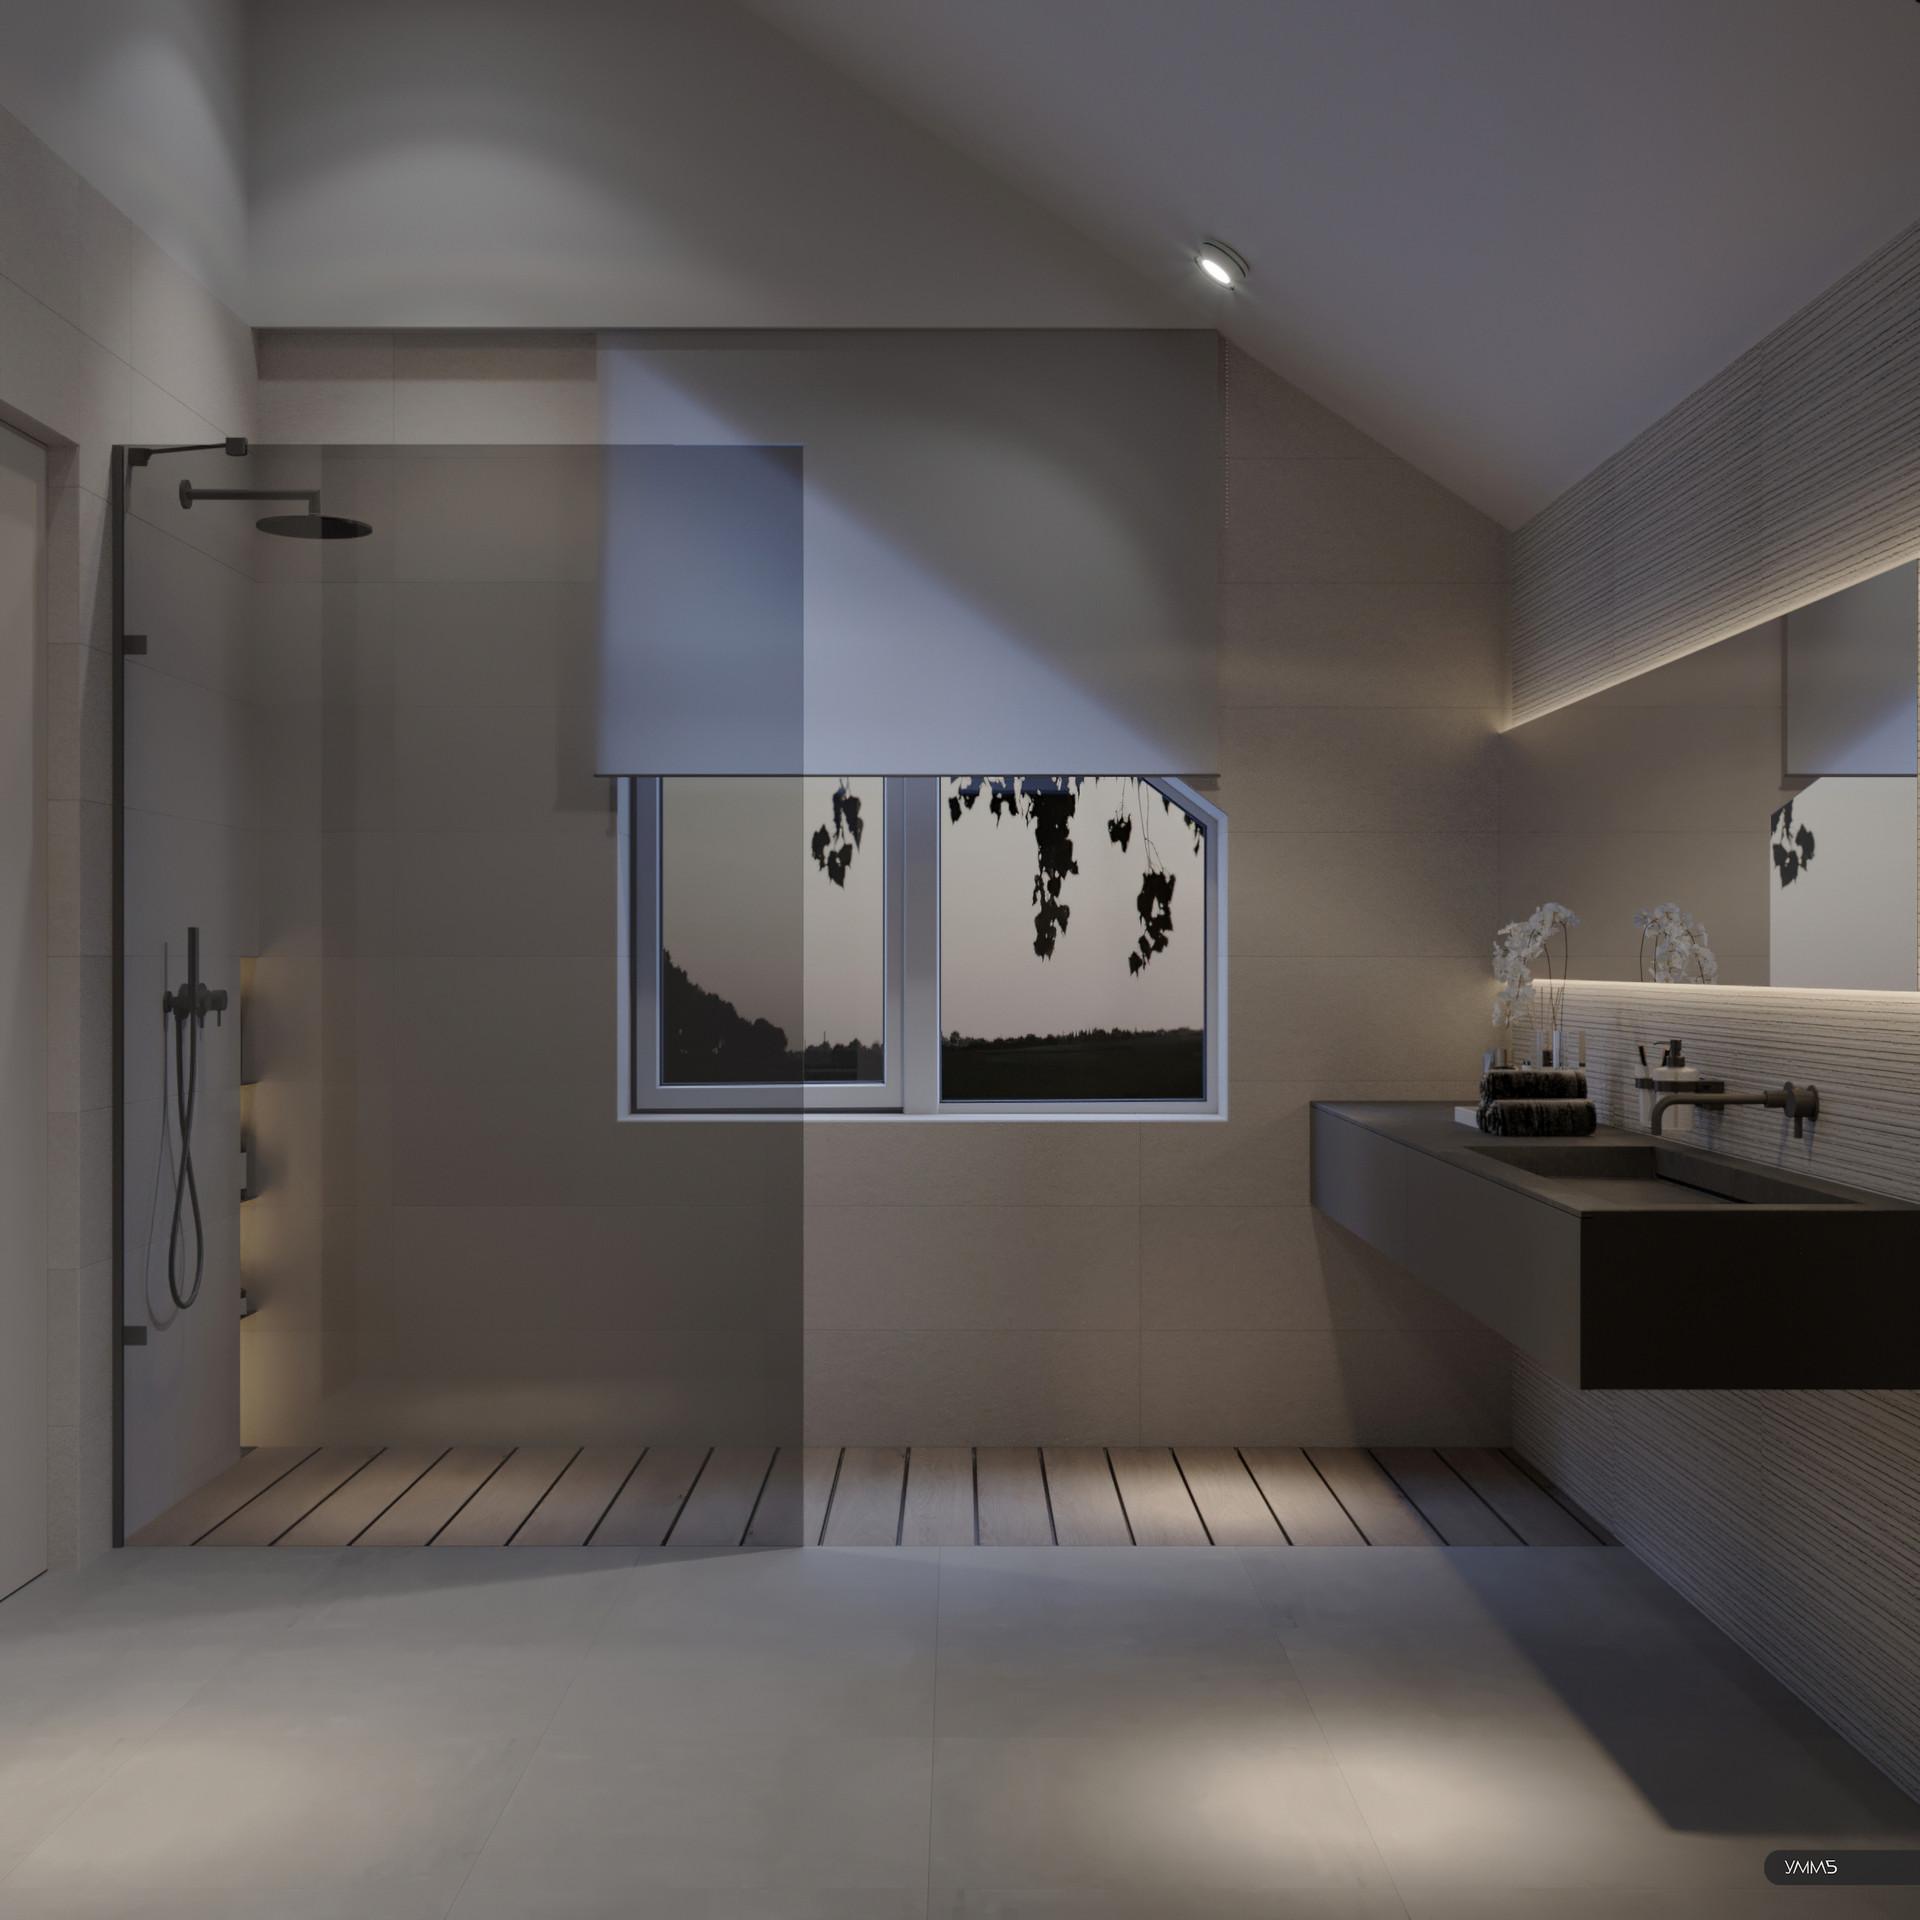 Современный дизайн, современный интерьер, дизайн квартиры, дизайн калининград, дизайнеры калининграда, интерьер калининград, дизайн проект квартиры, дизайн студии, дизайн интерьера калининград, дизайнер интерьера калининград, ванная комната, санузел, дизайн ванной комнаты, дизайн санузла, интерьер ванной комнаты, интерьер санузла, современный интерьер ванной комнаты, современный интерьер санузла, современный дизайн ванной комнаты, современный дизайн санузла, современный интерьер, дизайн интерьера, дизайн, интерьер, дизайн интерьера калининград, калининград, умм5, umm5, modern interior, modern bathroom, design interior, interior design, светлогорск, светлая ванная, светлый дизайн ванной комнаты